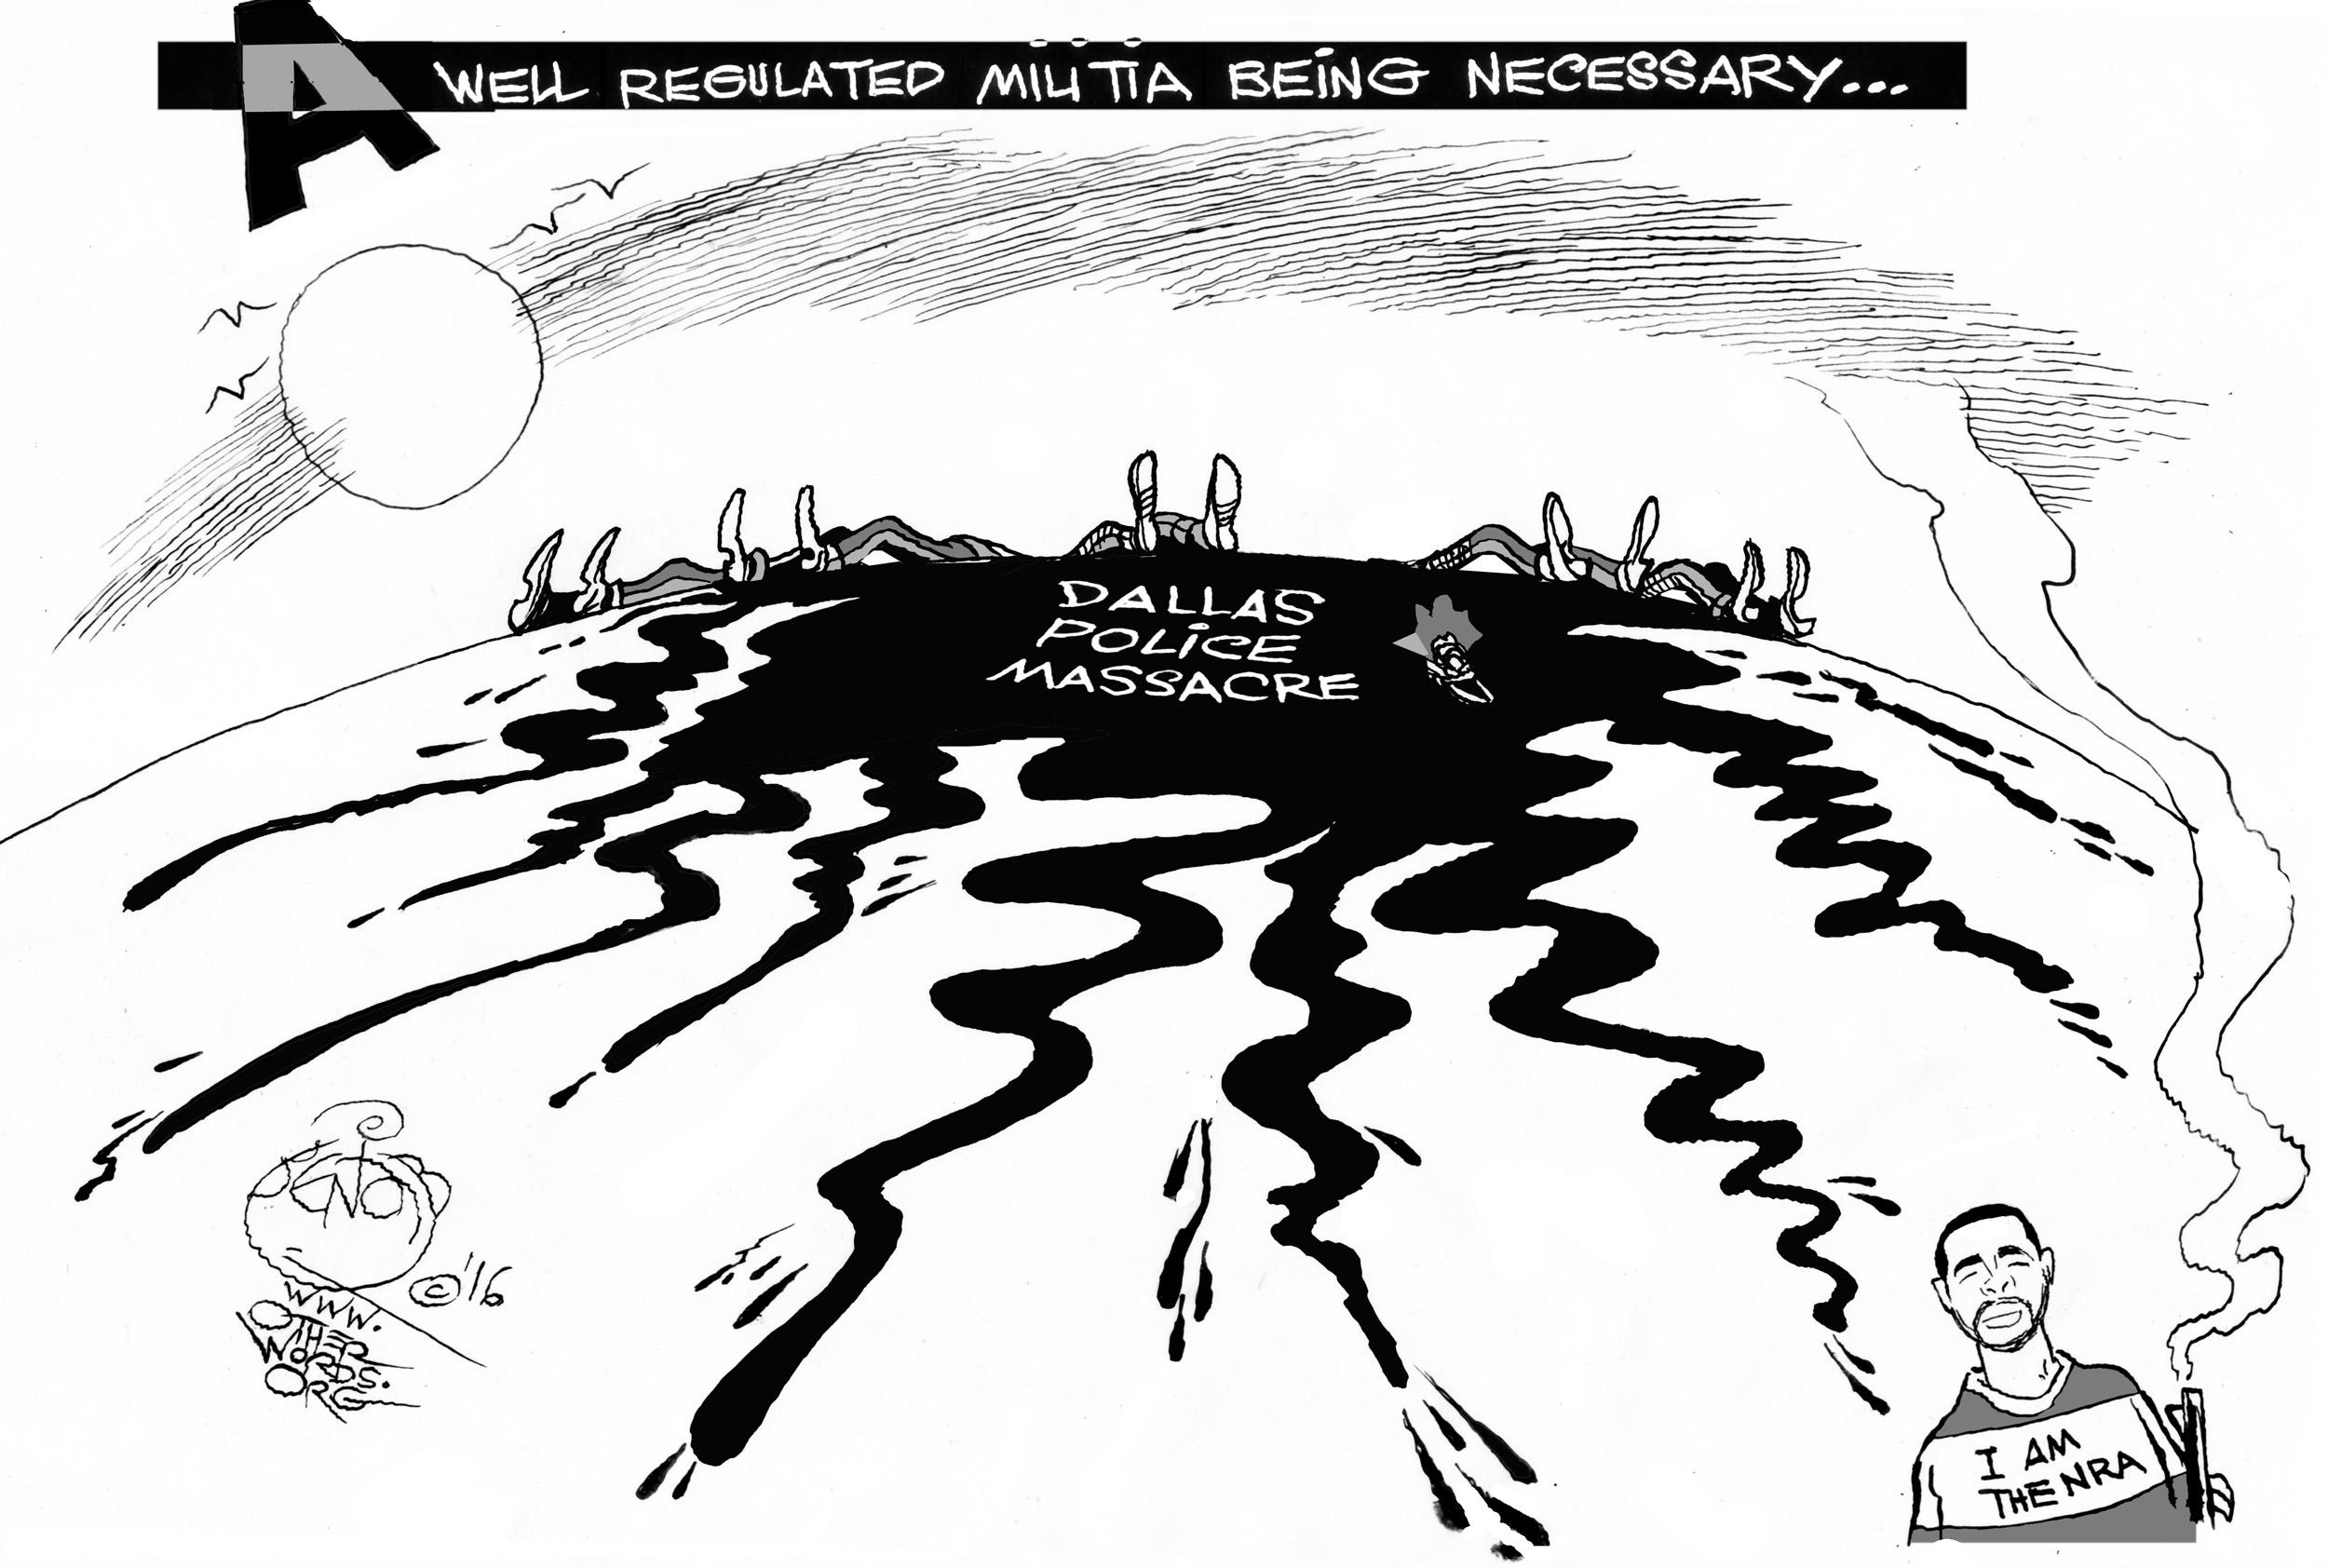 An Unregulated Militia